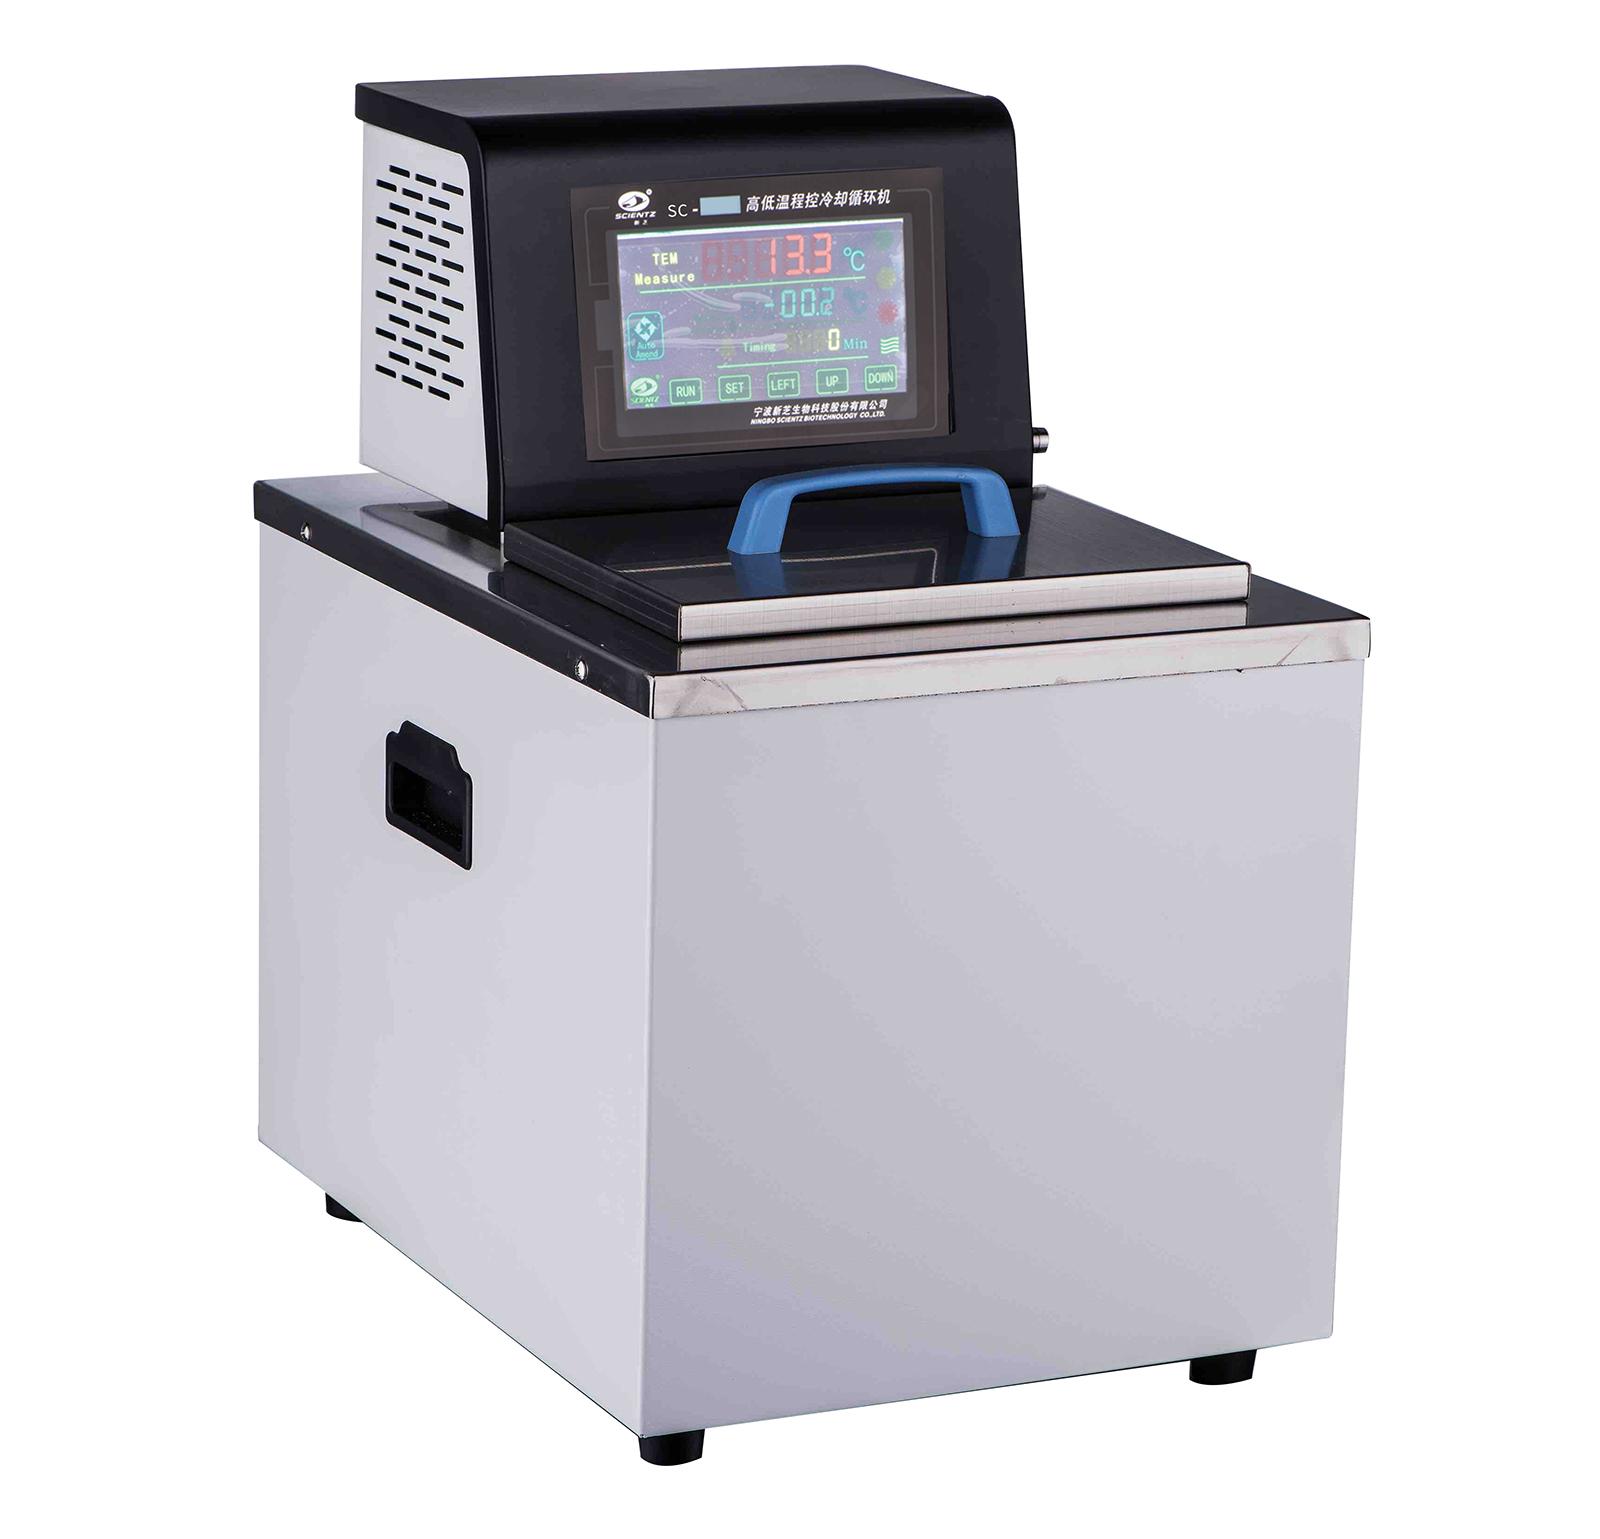 SC系列数控超级恒温槽